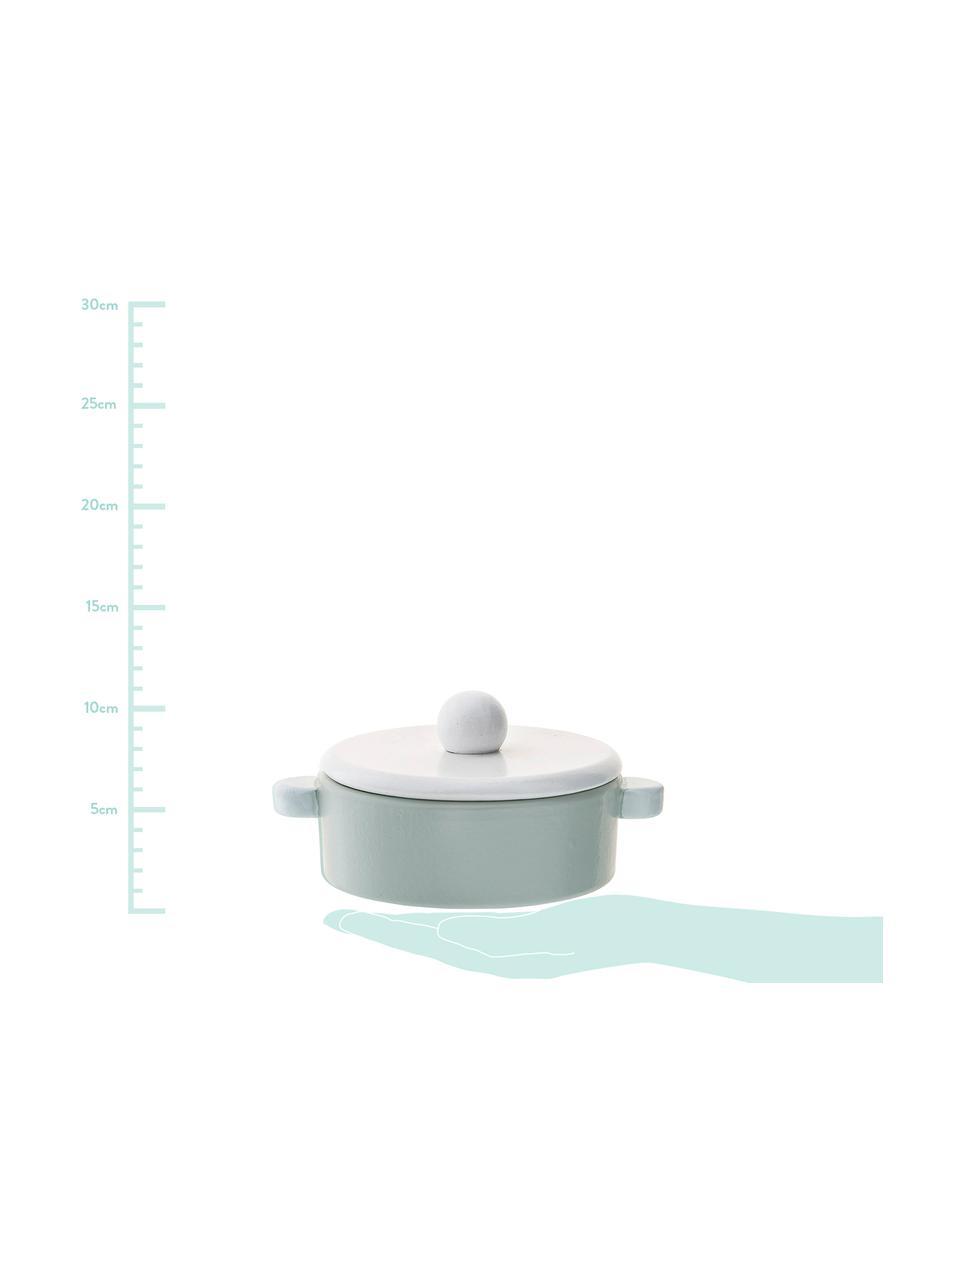 Set de juguetes Cooking, 5pzas., Tablero de fibras de densidad media (MDF), madera de schima, Azul, Set de diferentes tamaños